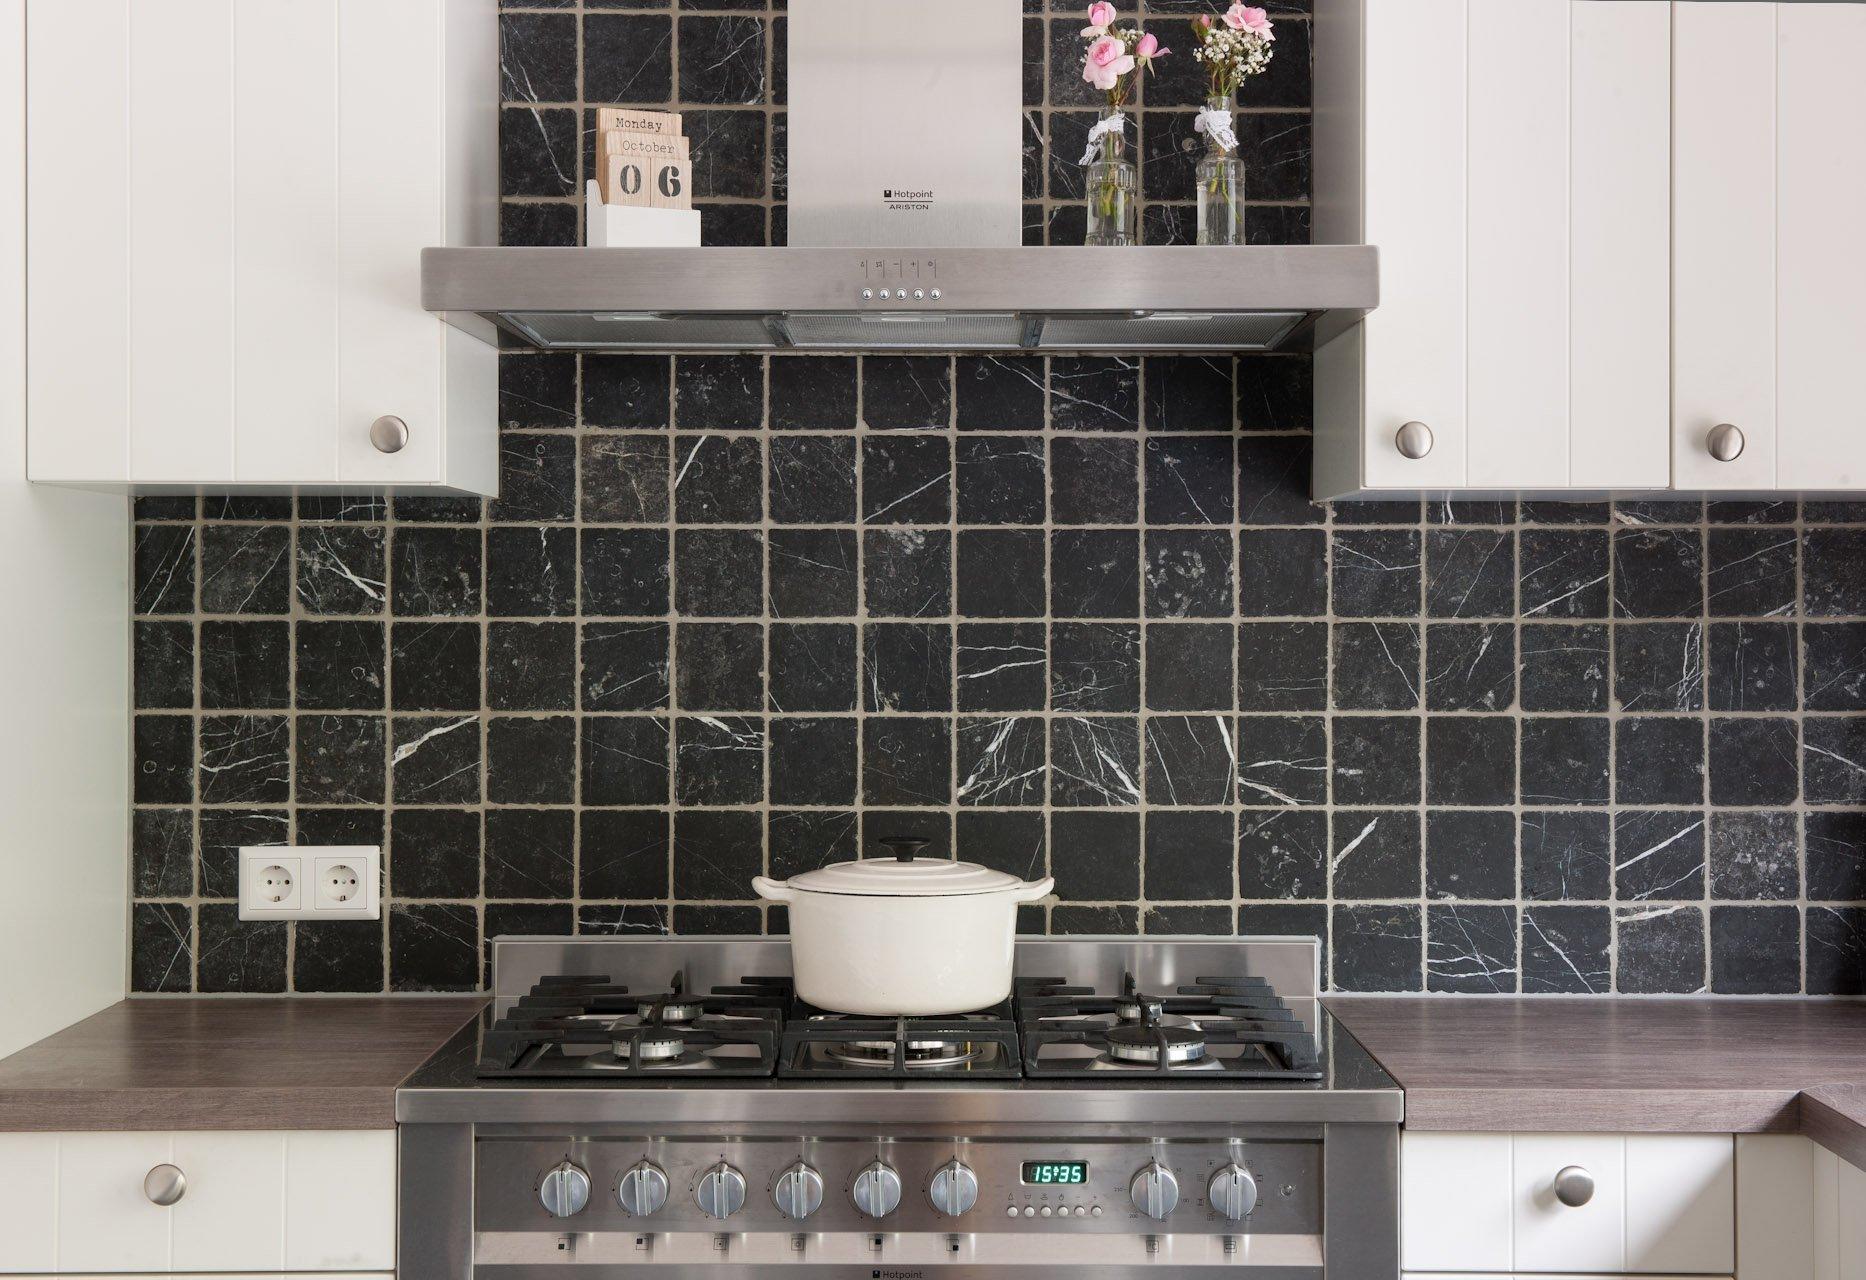 keuken wandtegels zonder voeg : Idee Tegels Keuken